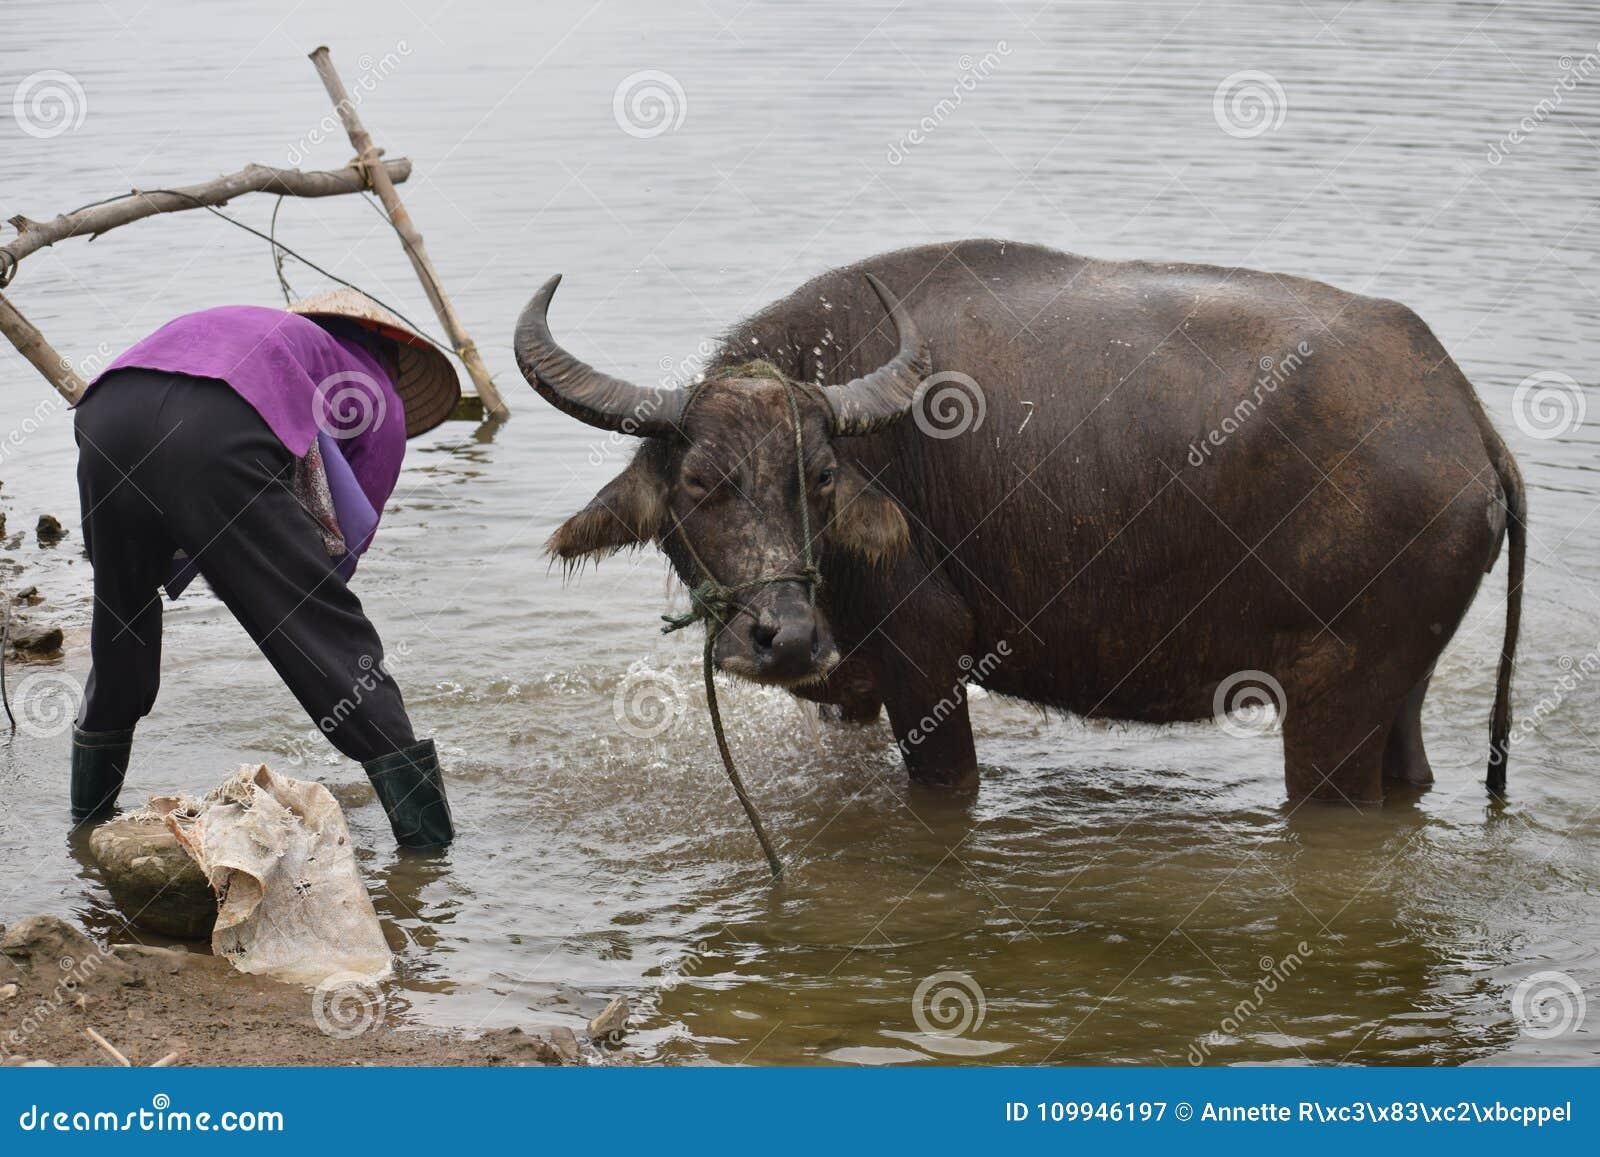 沐浴水牛的越南妇女的特写镜头在工作,越南,河内以后